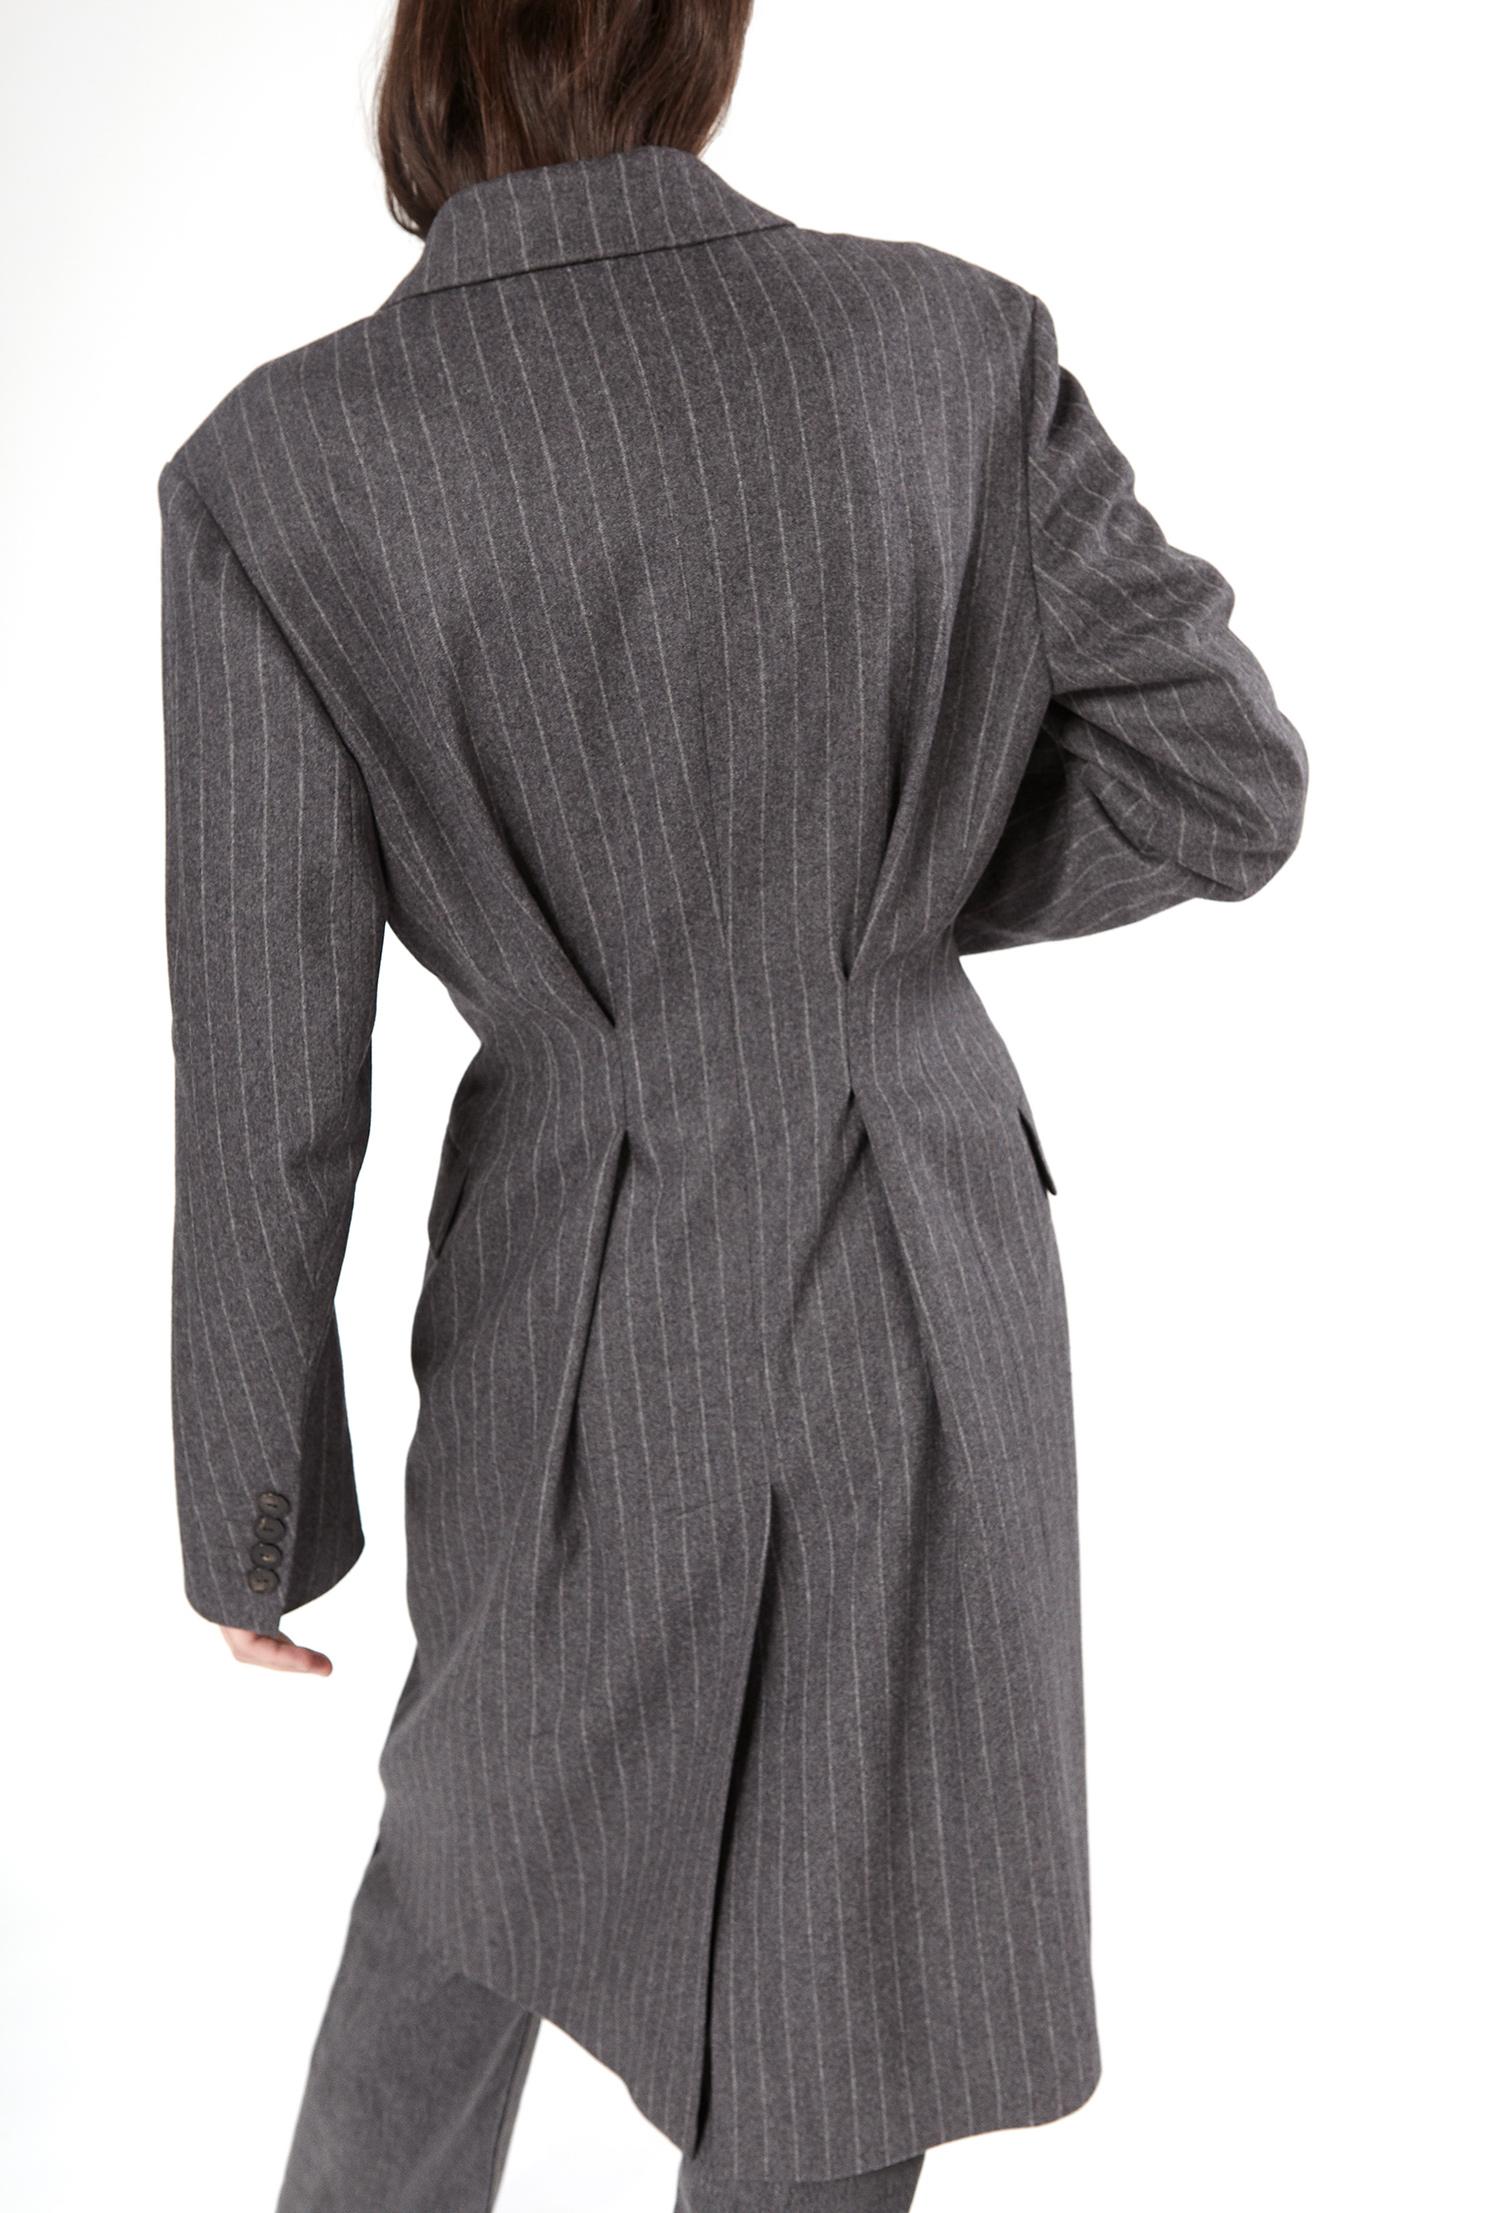 Coat RAFFAELLE Trousers ROMEO